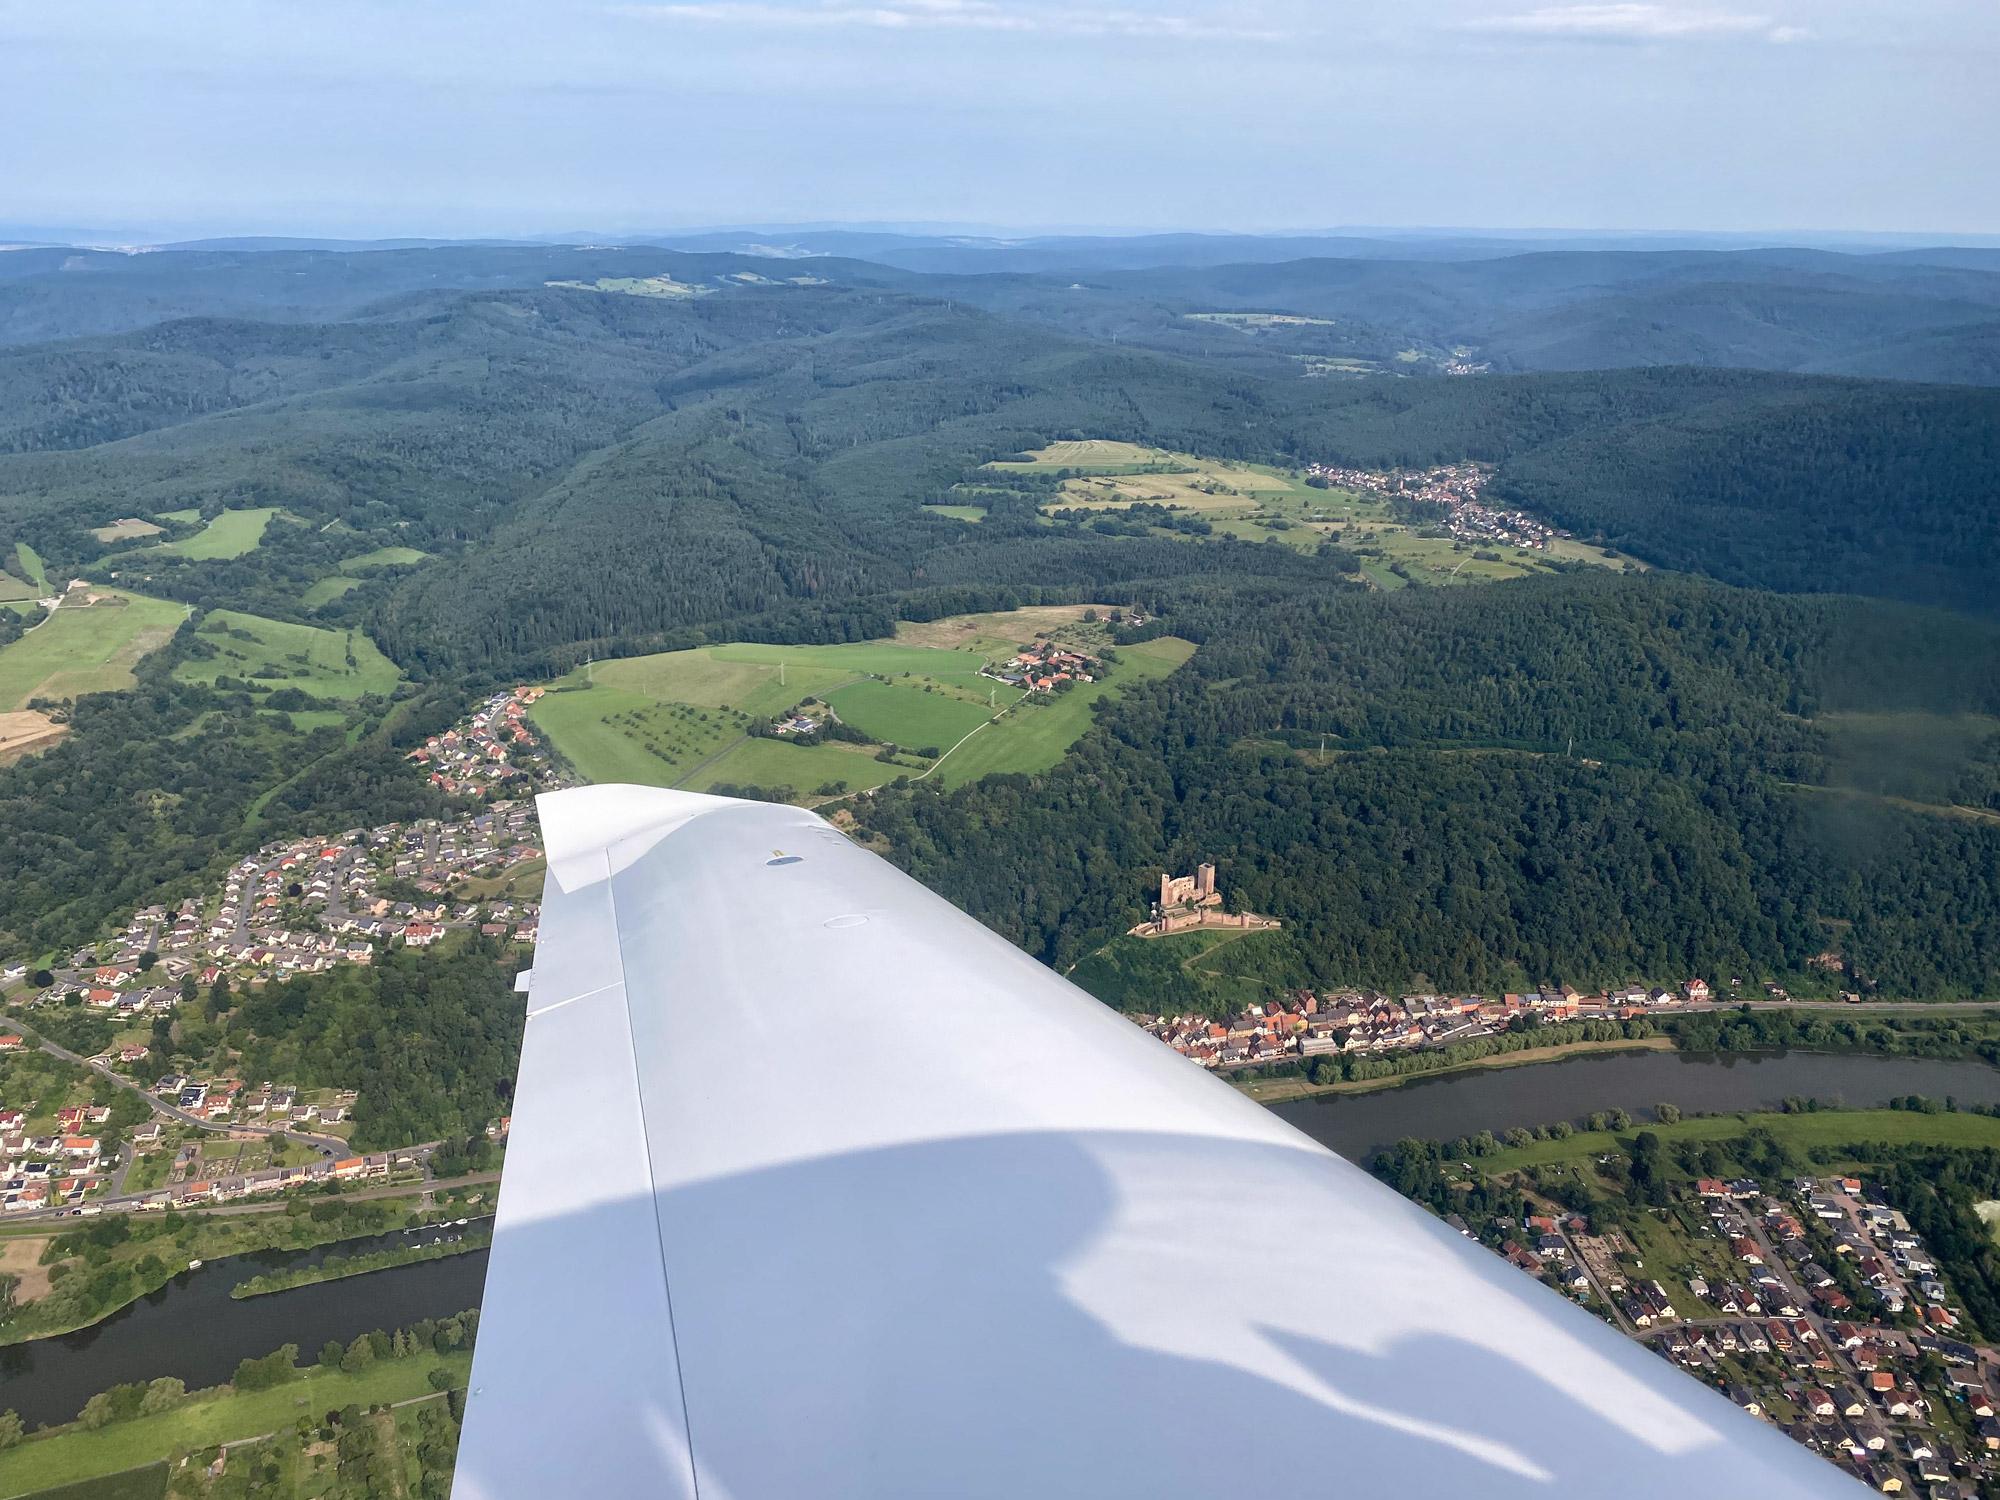 Churfranken - Vliegen over Churfranken